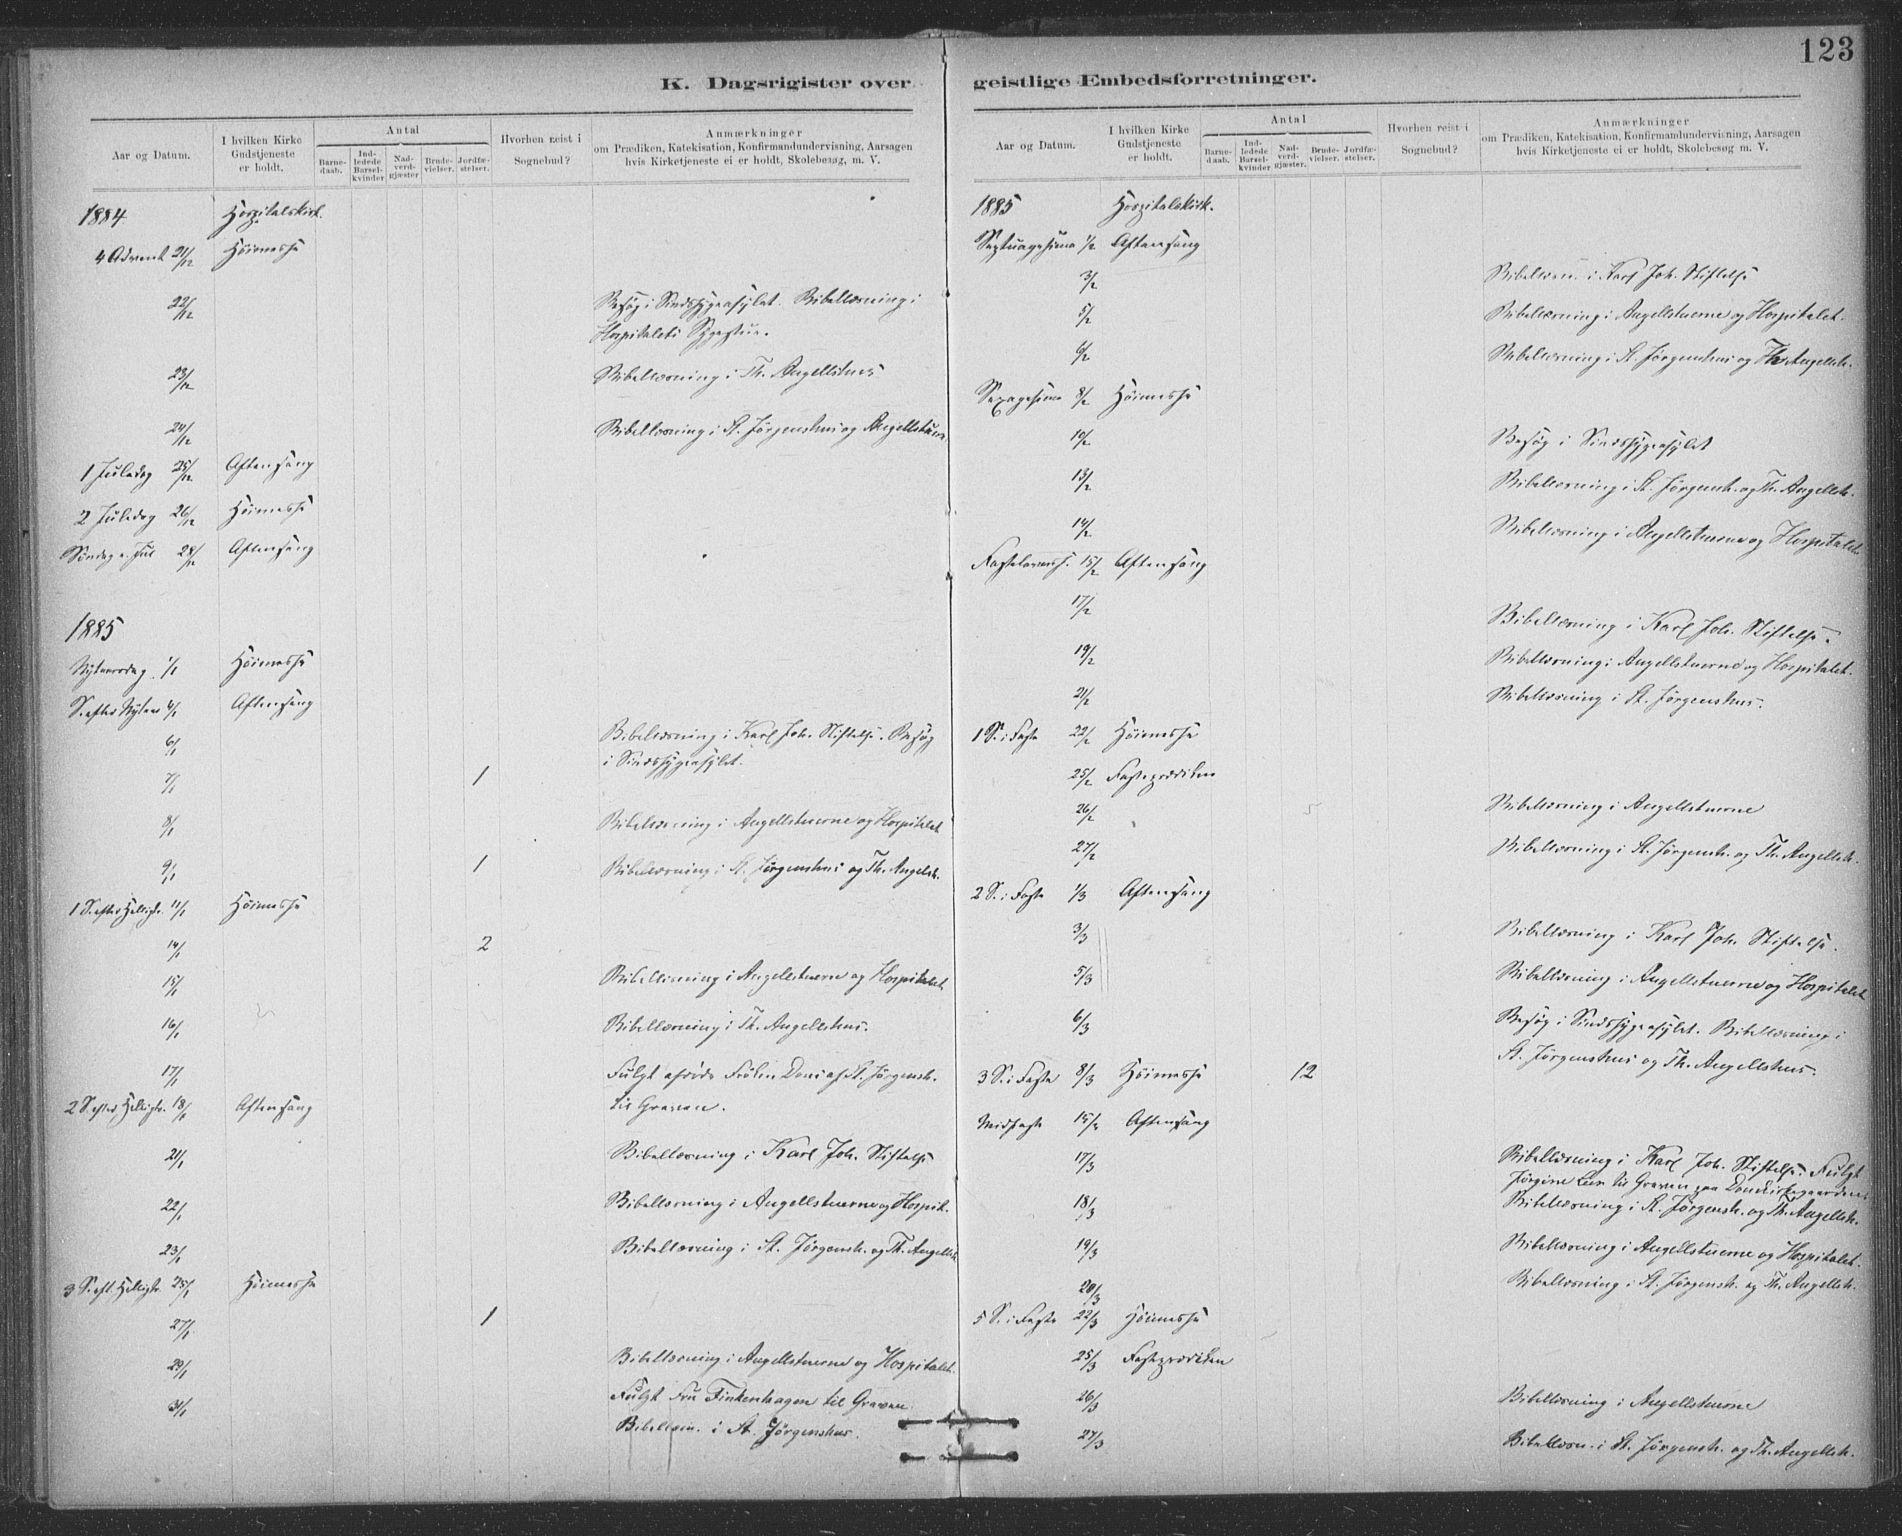 SAT, Ministerialprotokoller, klokkerbøker og fødselsregistre - Sør-Trøndelag, 623/L0470: Ministerialbok nr. 623A04, 1884-1938, s. 123